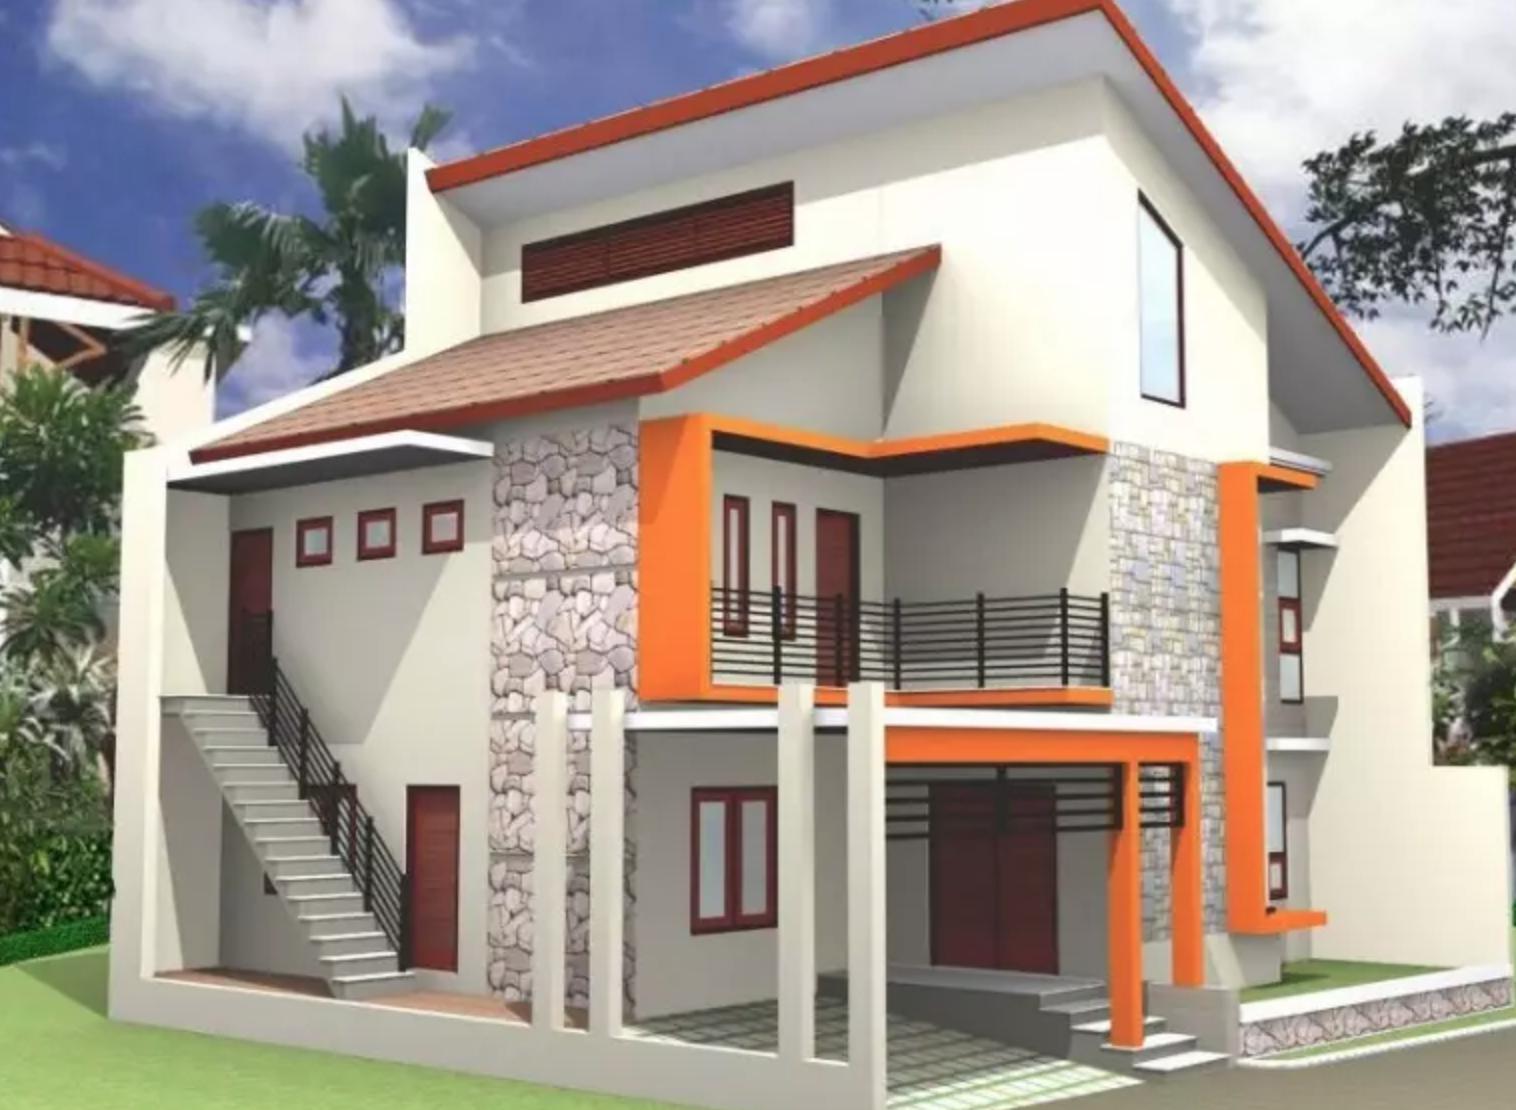 Model Gambar Atap Rumah Minimalis Sederhana Terlihat Mewah Dan Minimalis